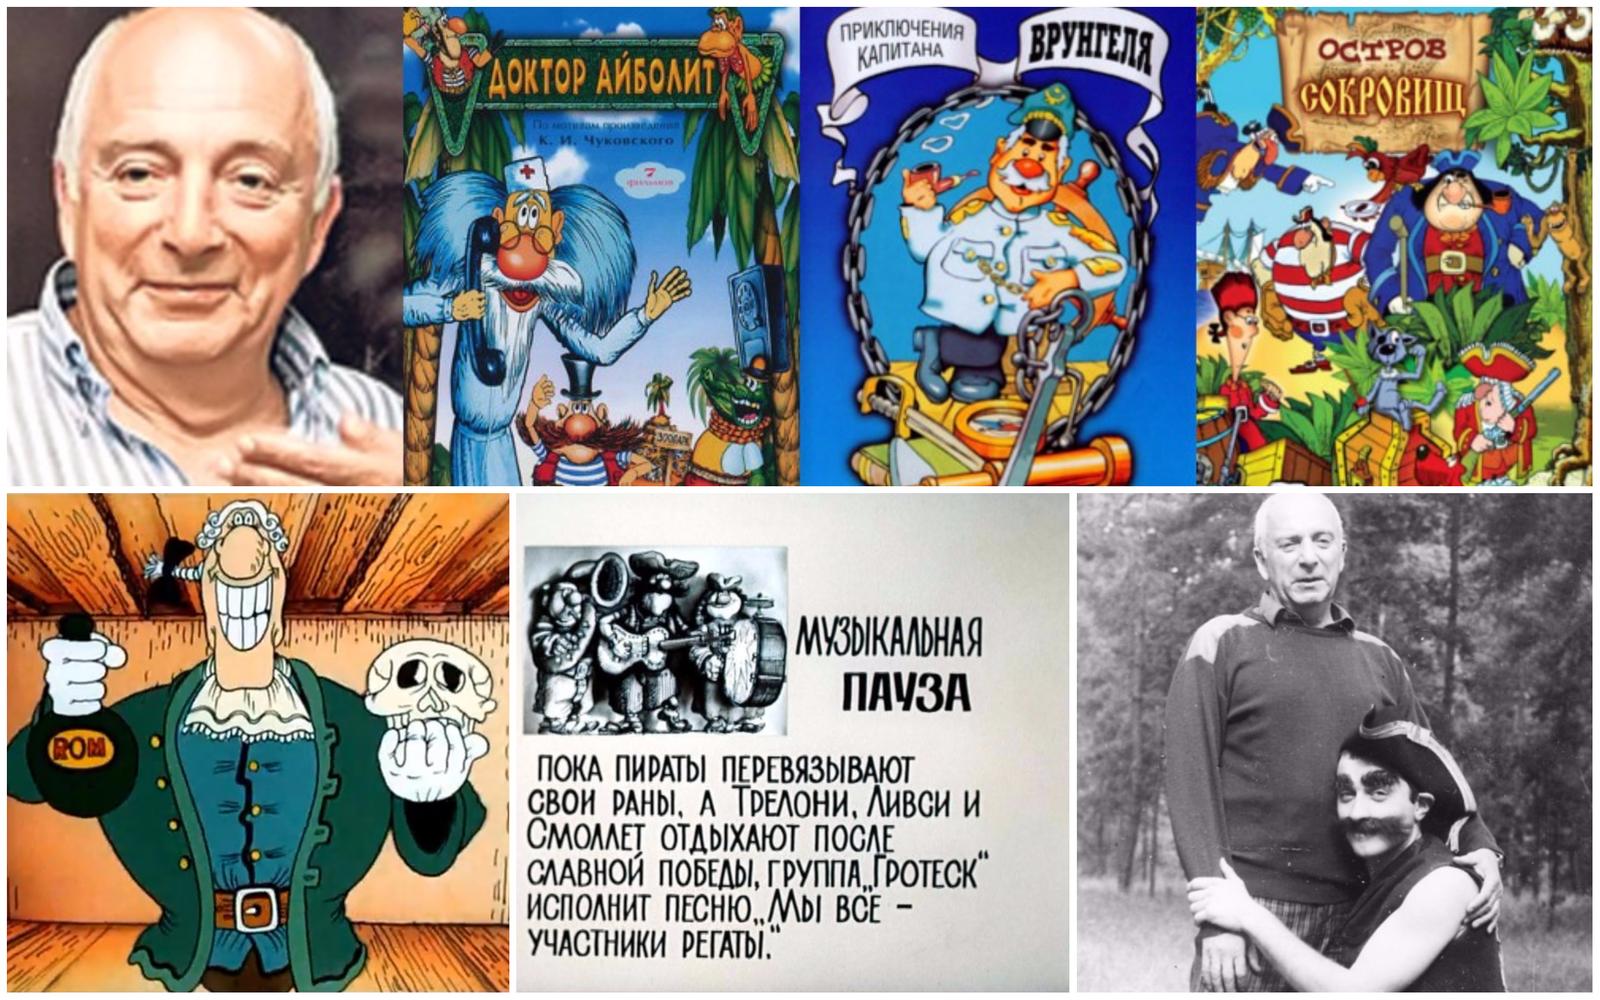 85 лет отмечает советский и украинский художник-мультипликатор, режиссёр и сценарист, Народный артист Украины Давид Черкасский